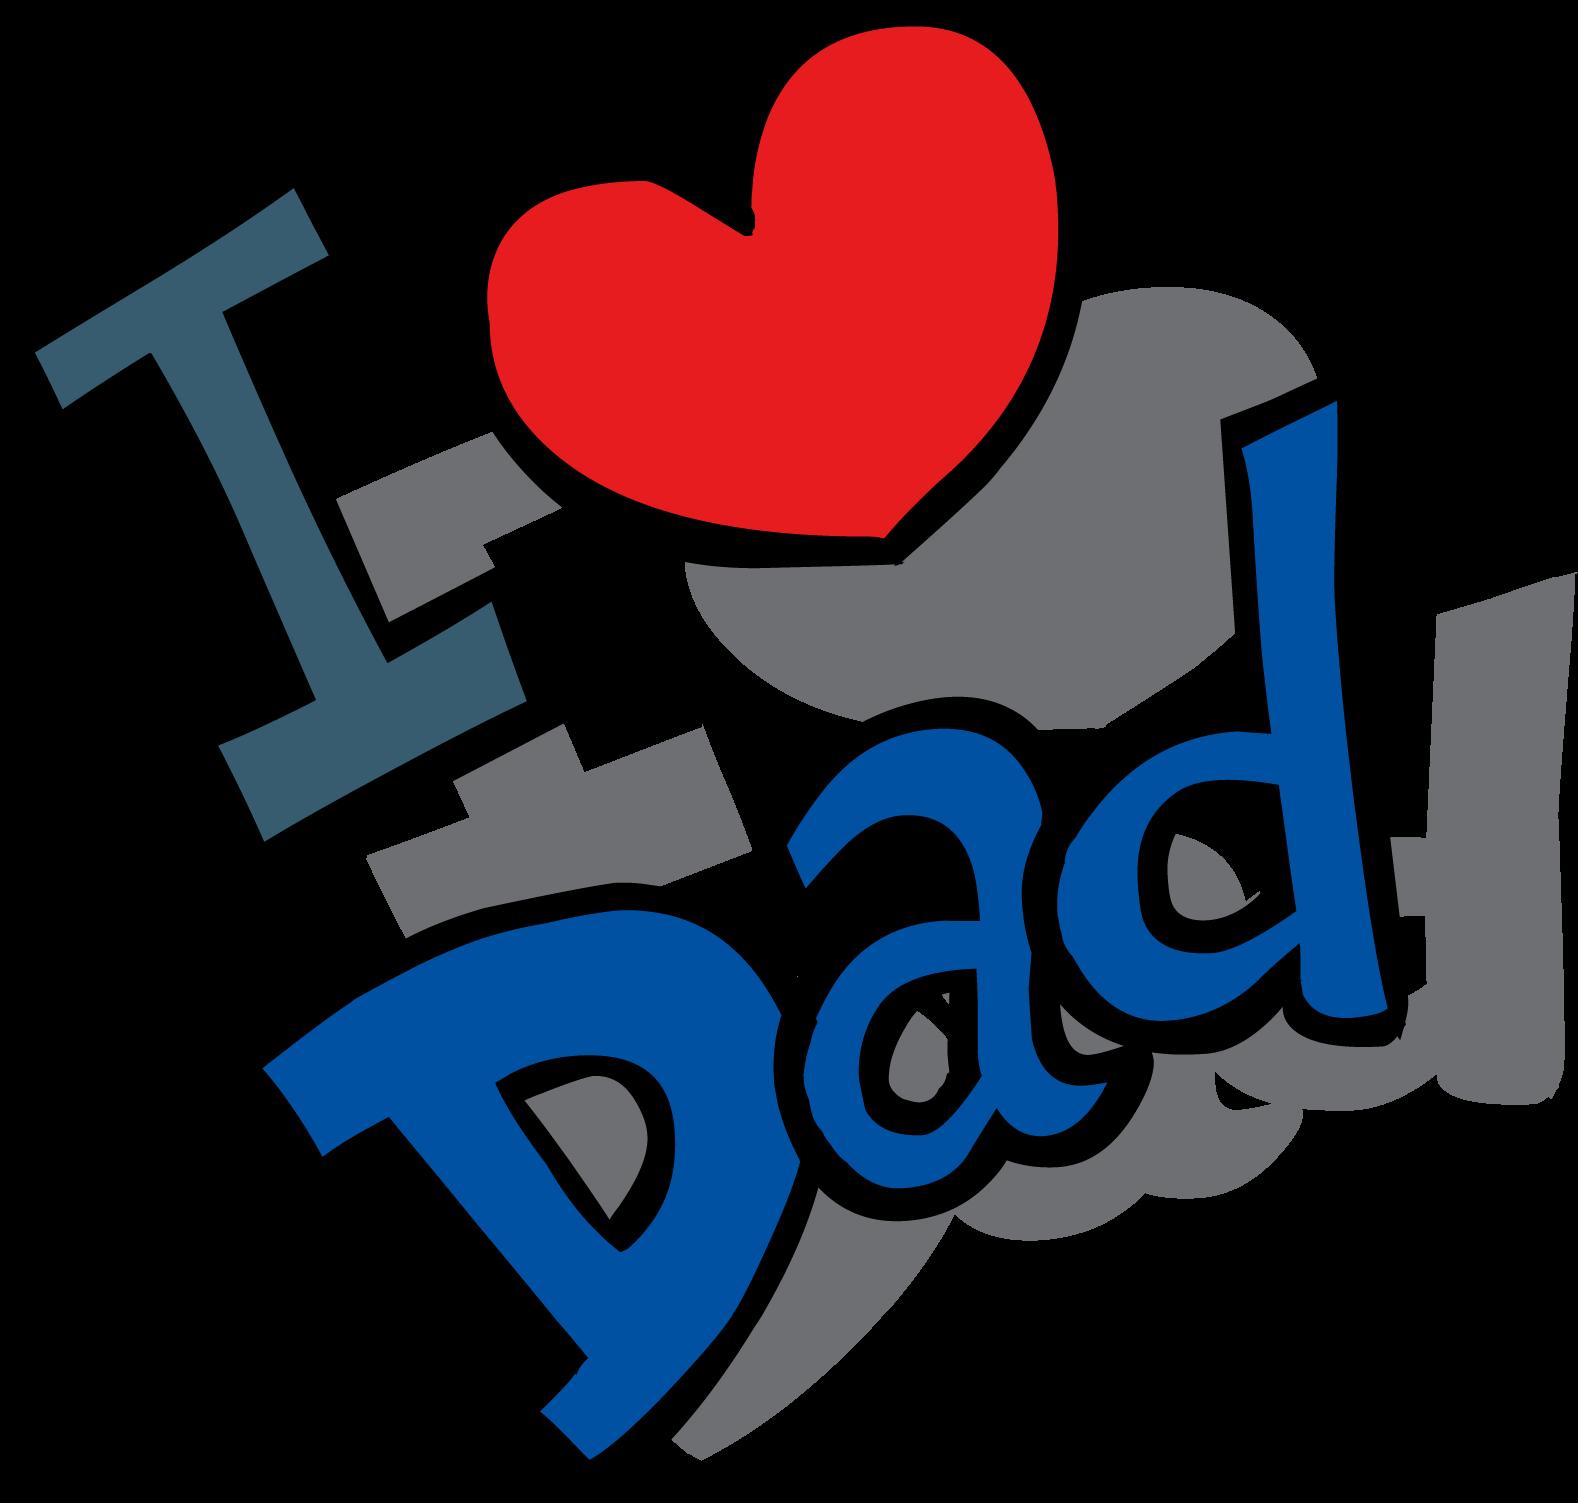 نتیجه تصویری برای happy fathers day